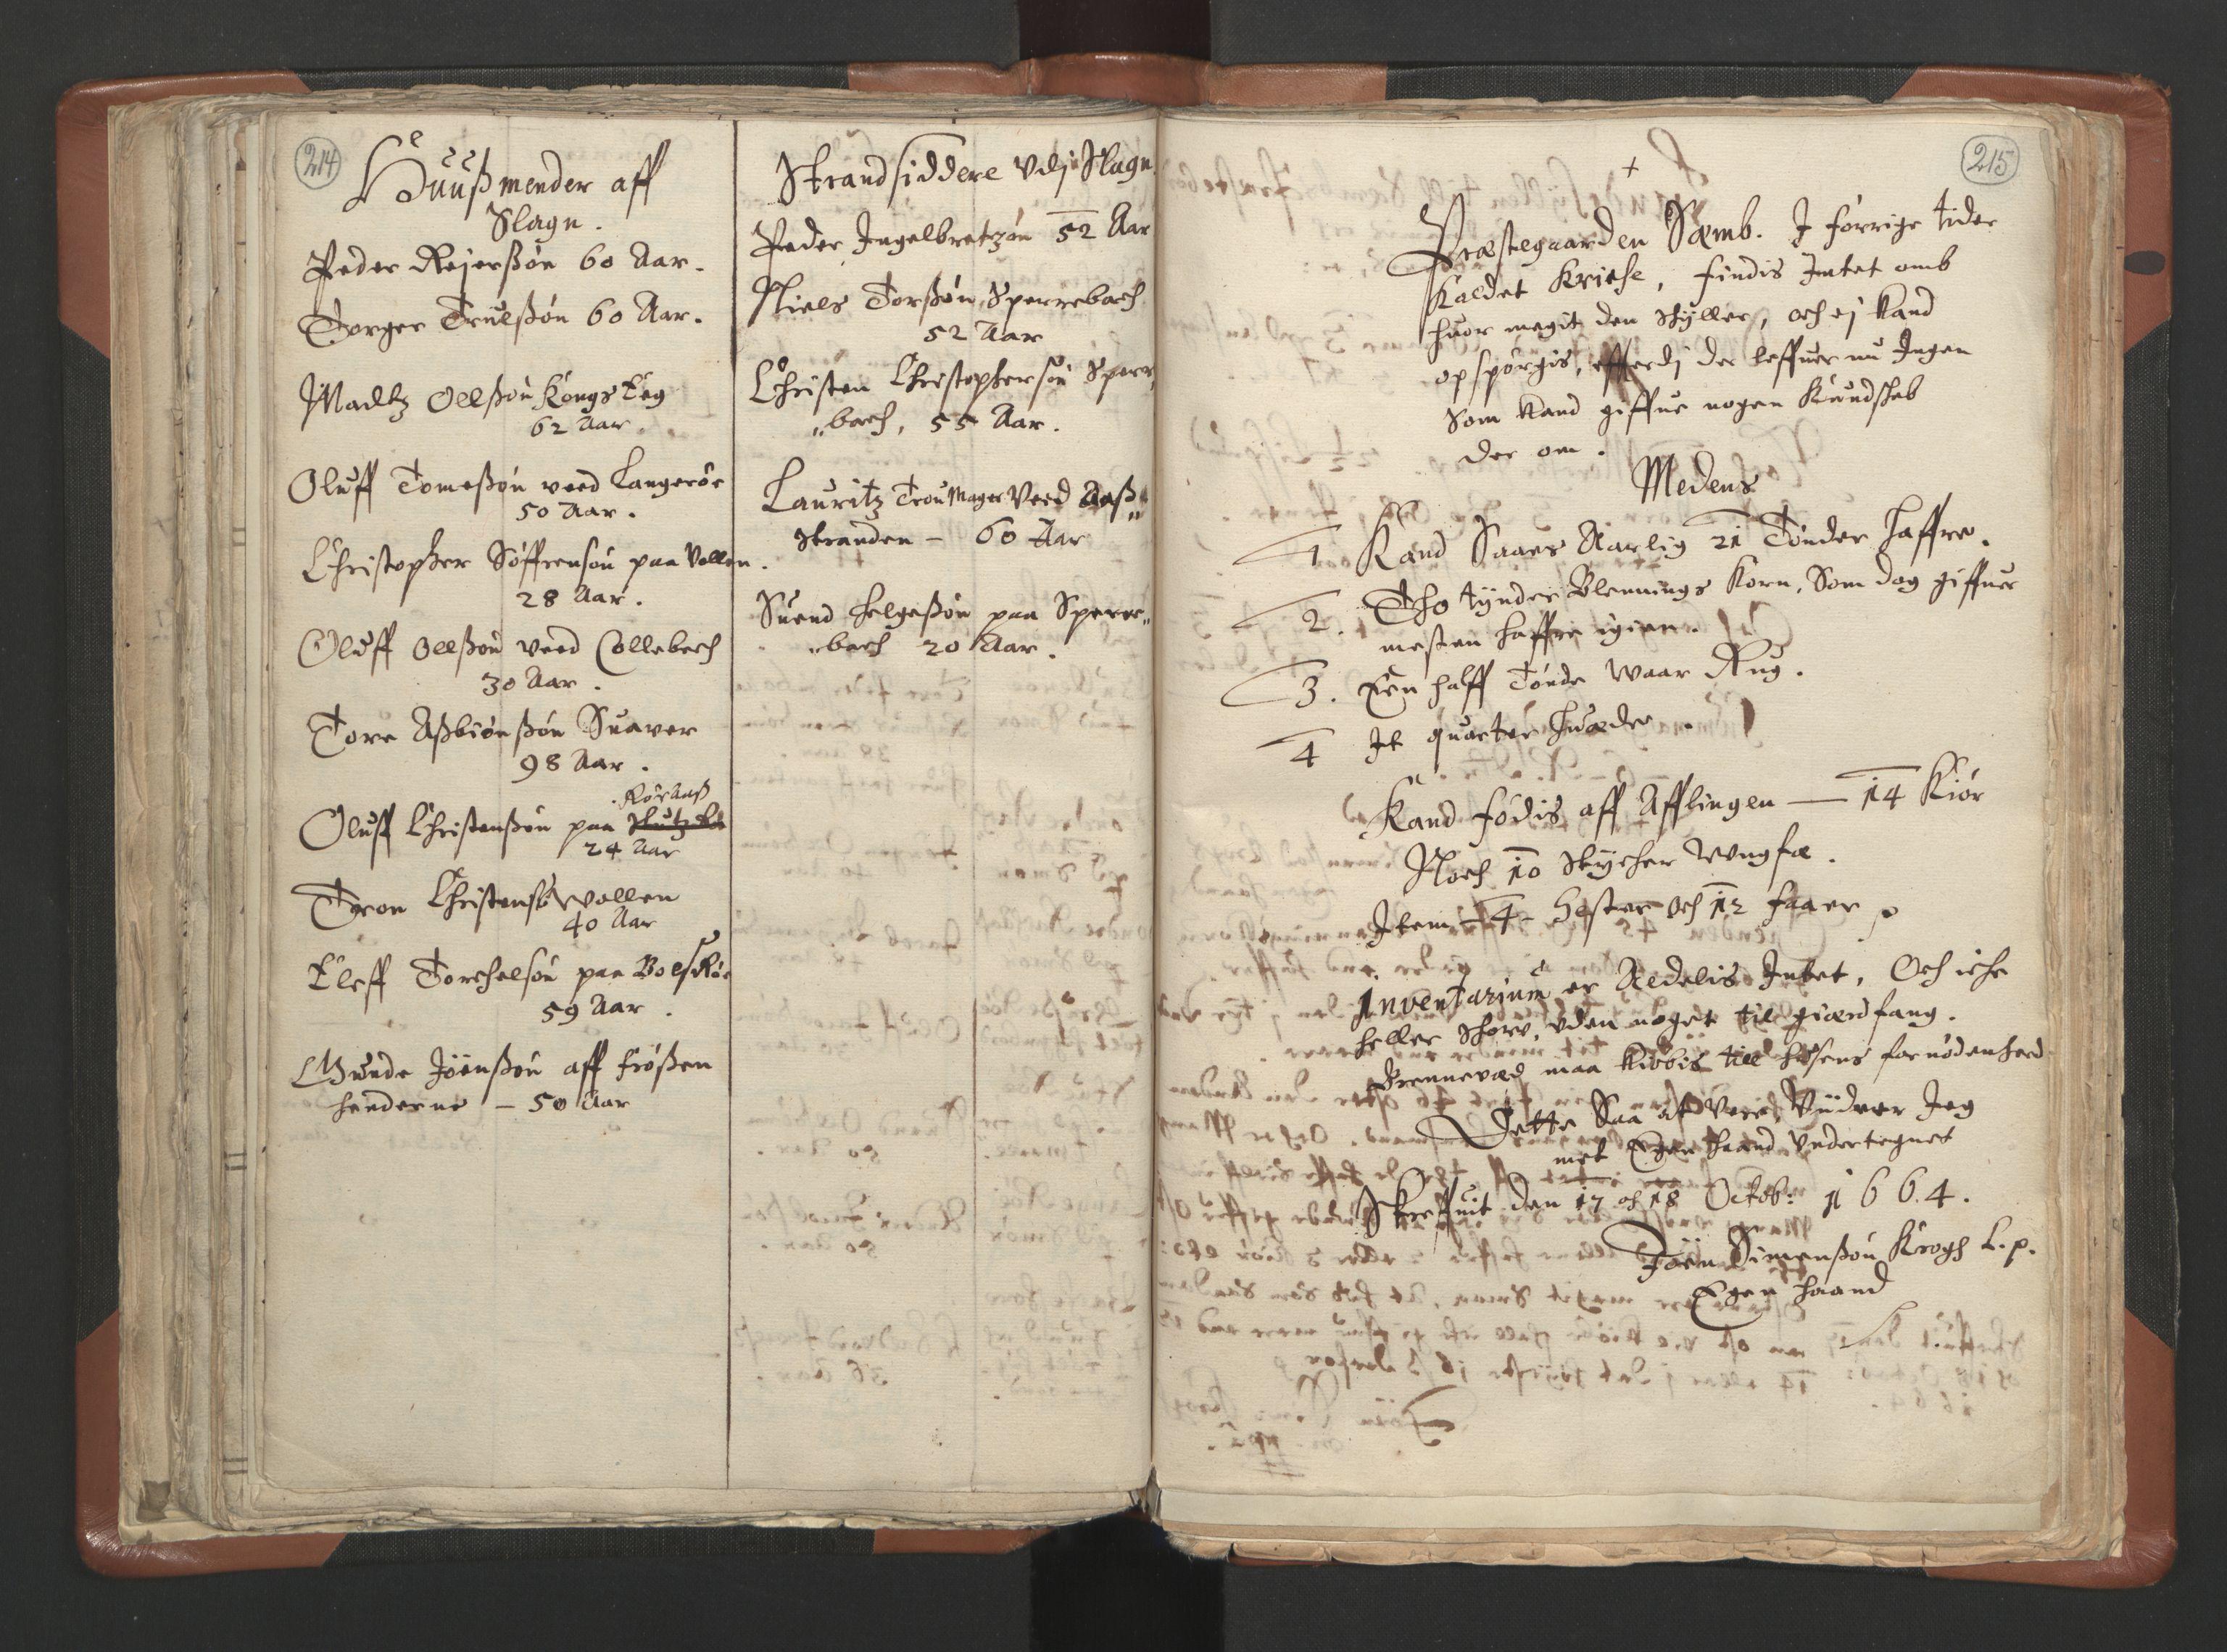 RA, Sogneprestenes manntall 1664-1666, nr. 10: Tønsberg prosti, 1664-1666, s. 214-215